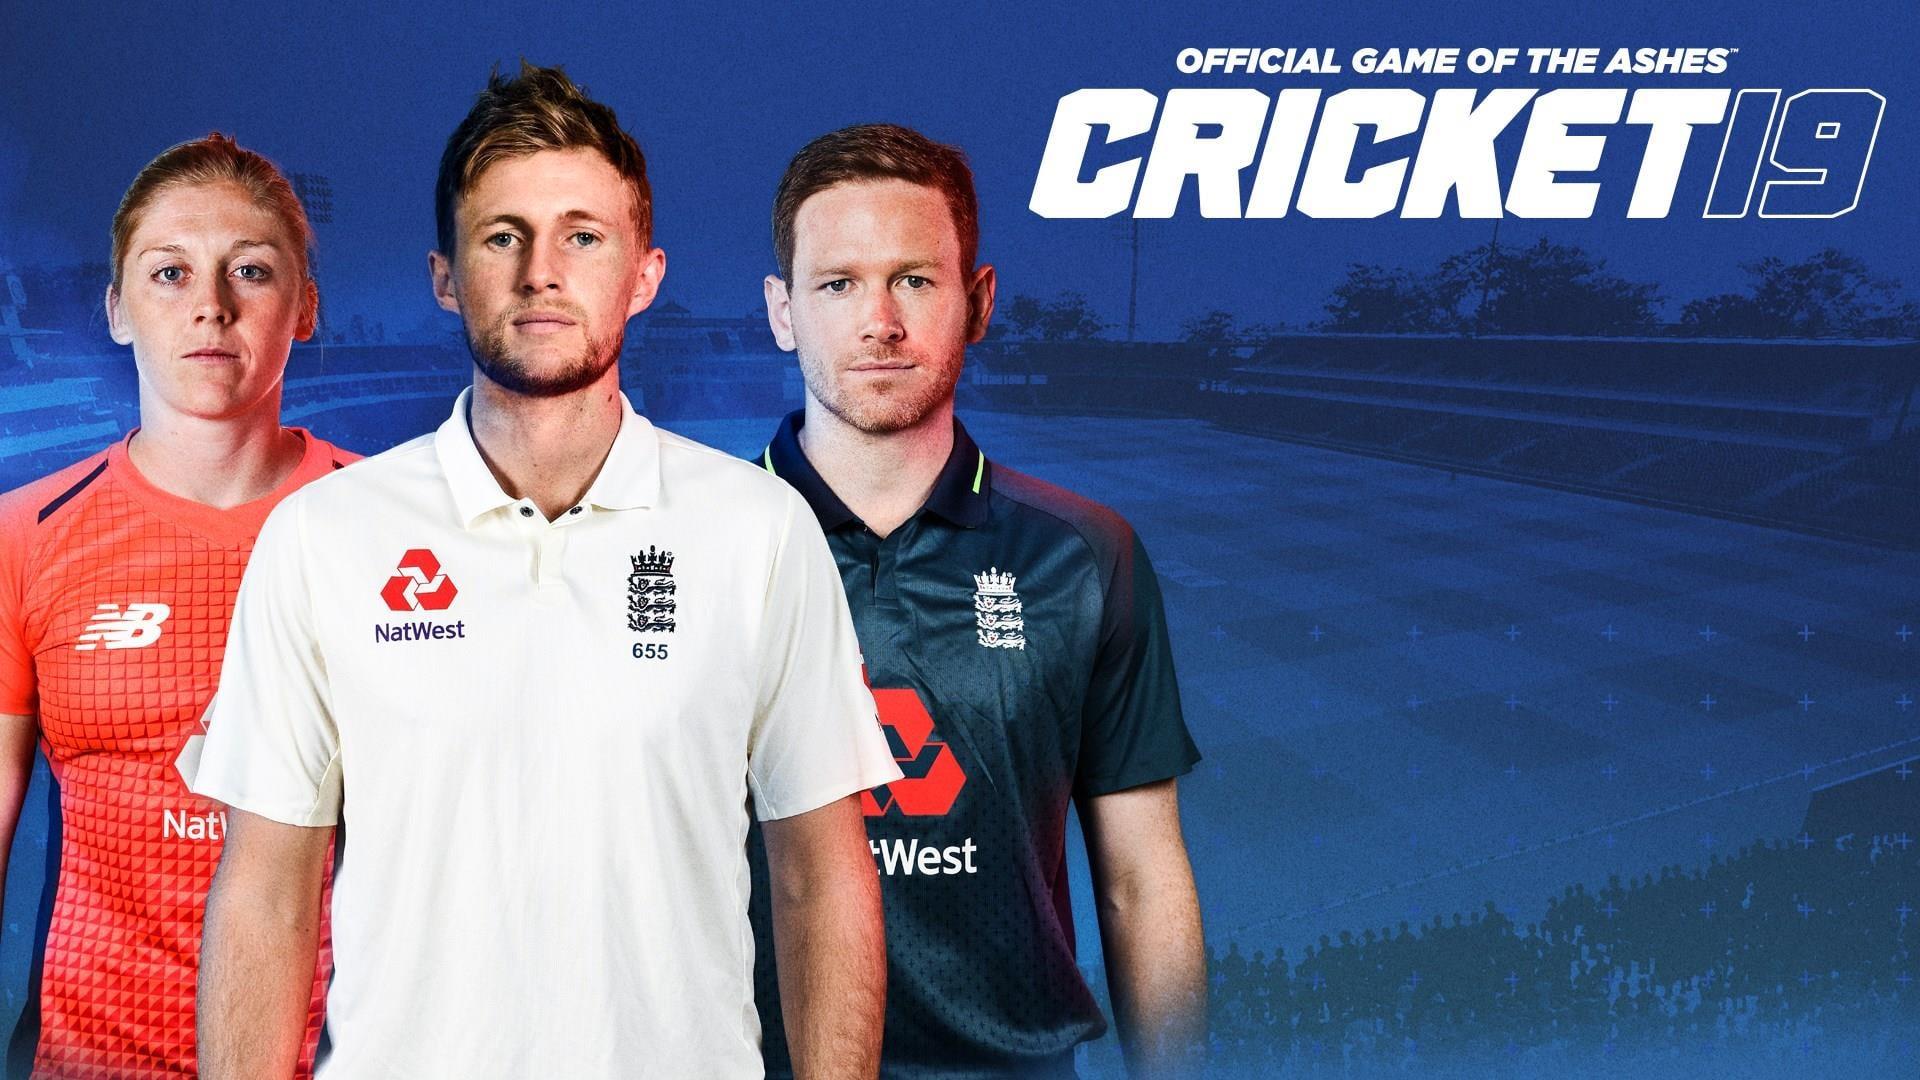 تریلر هنگام عرضهی Cricket 19 منتشر شد